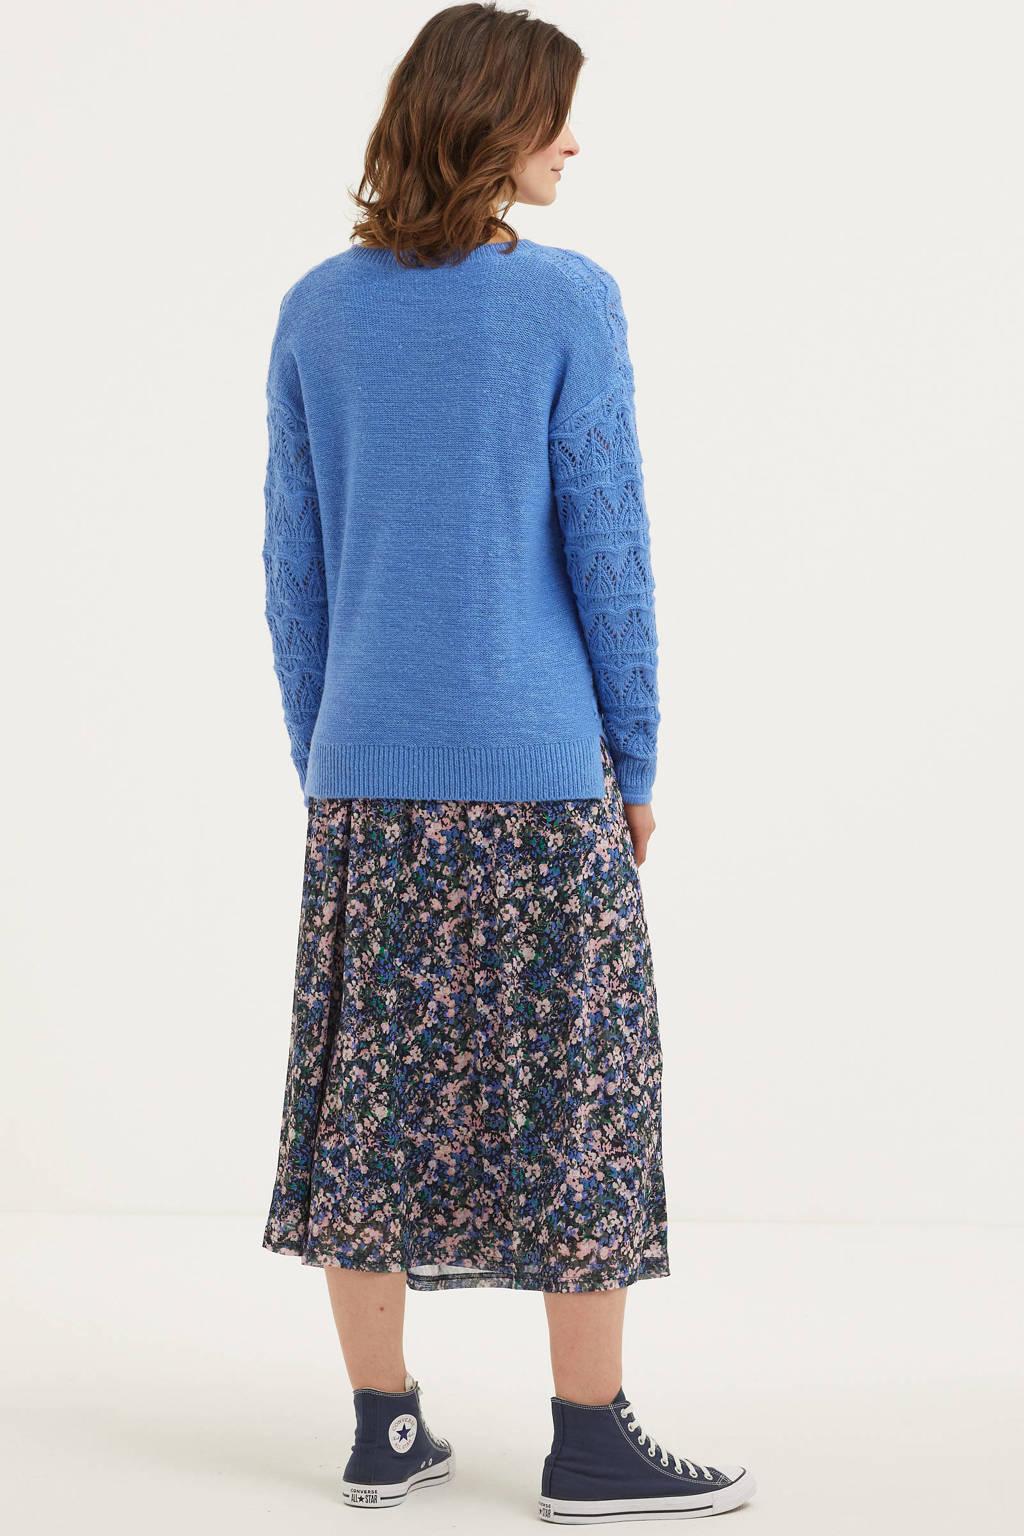 FREEQUENT grofgebreide trui blauw, Blauw